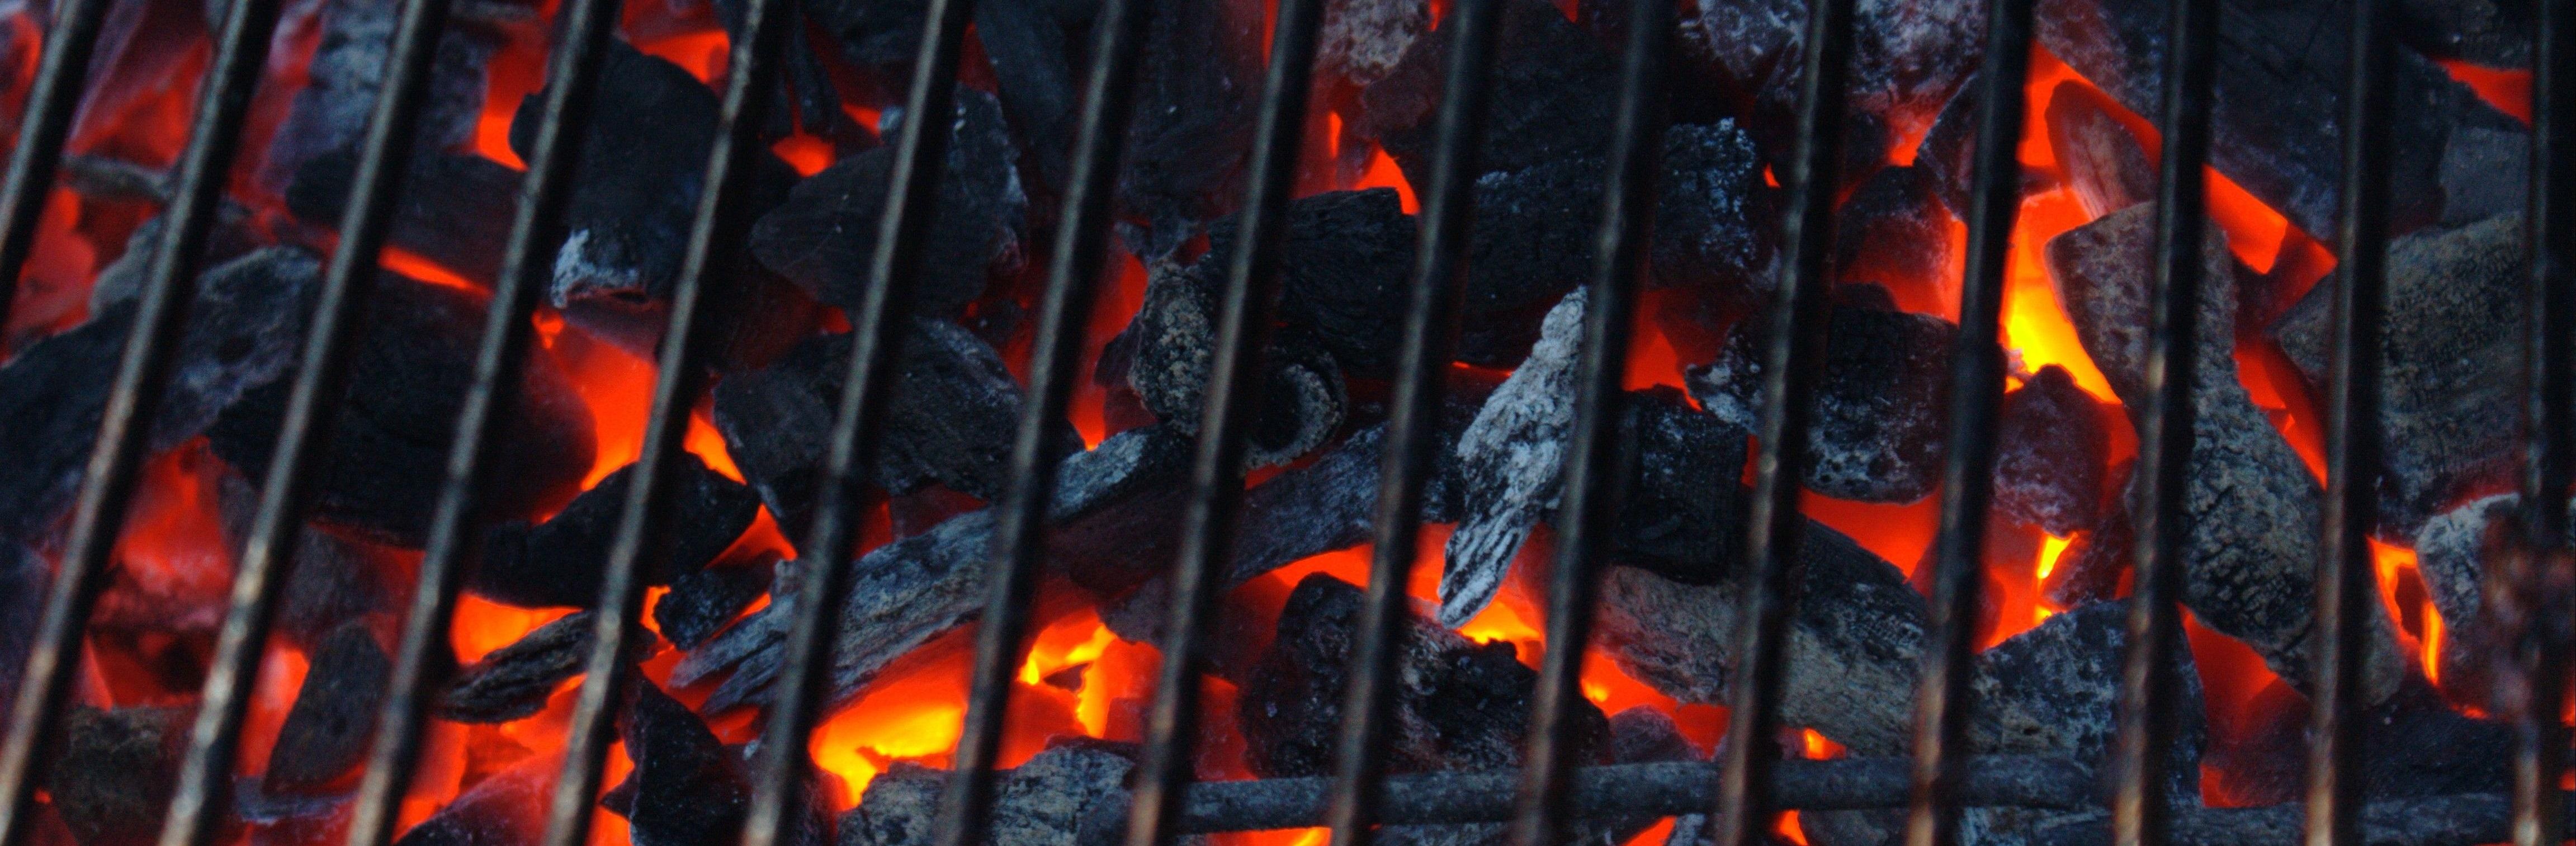 Barbecue hot coals.jpg